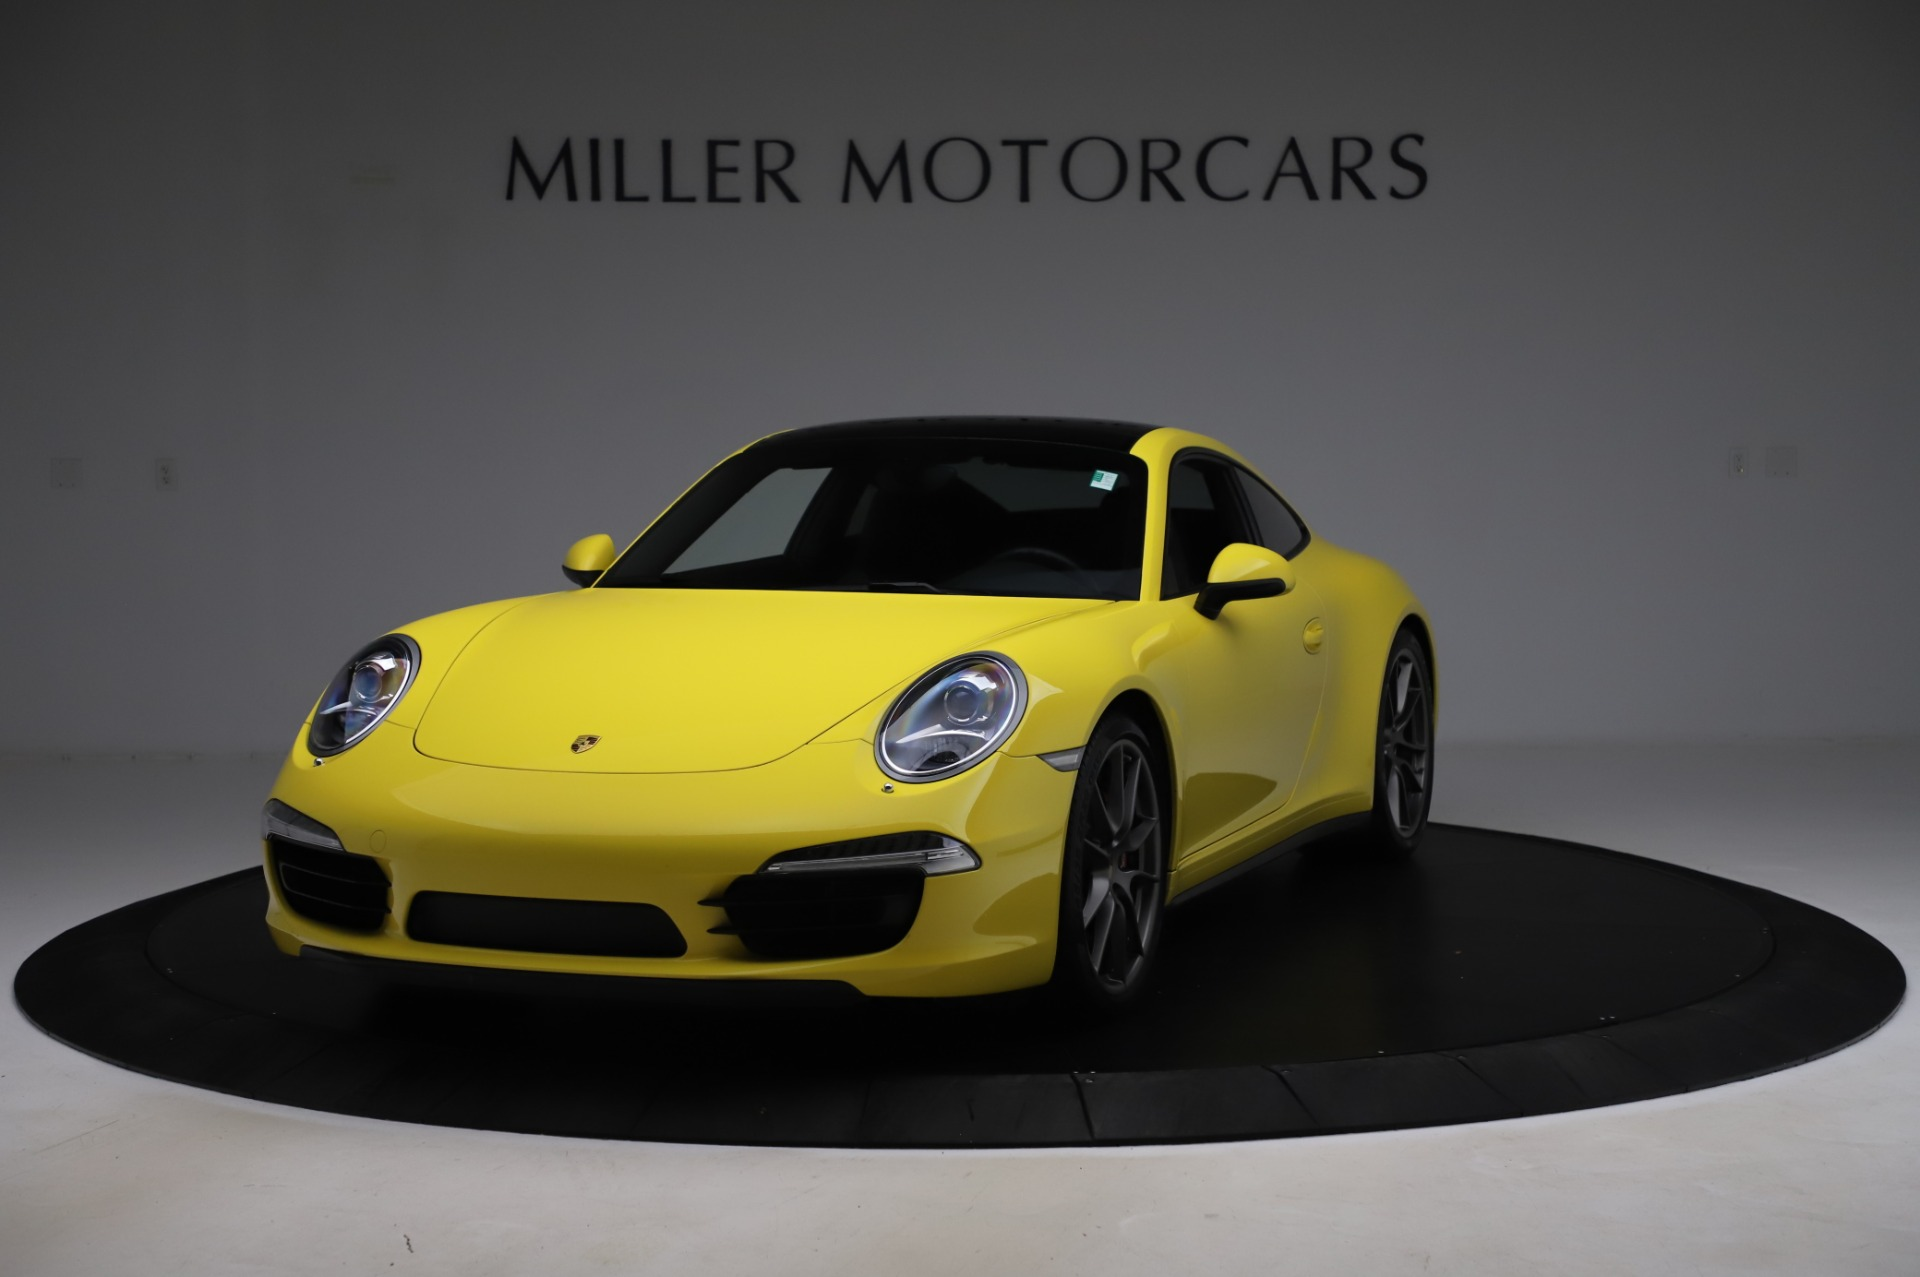 Used 2013 Porsche 911 Carrera 4S for sale $74,900 at Bugatti of Greenwich in Greenwich CT 06830 1